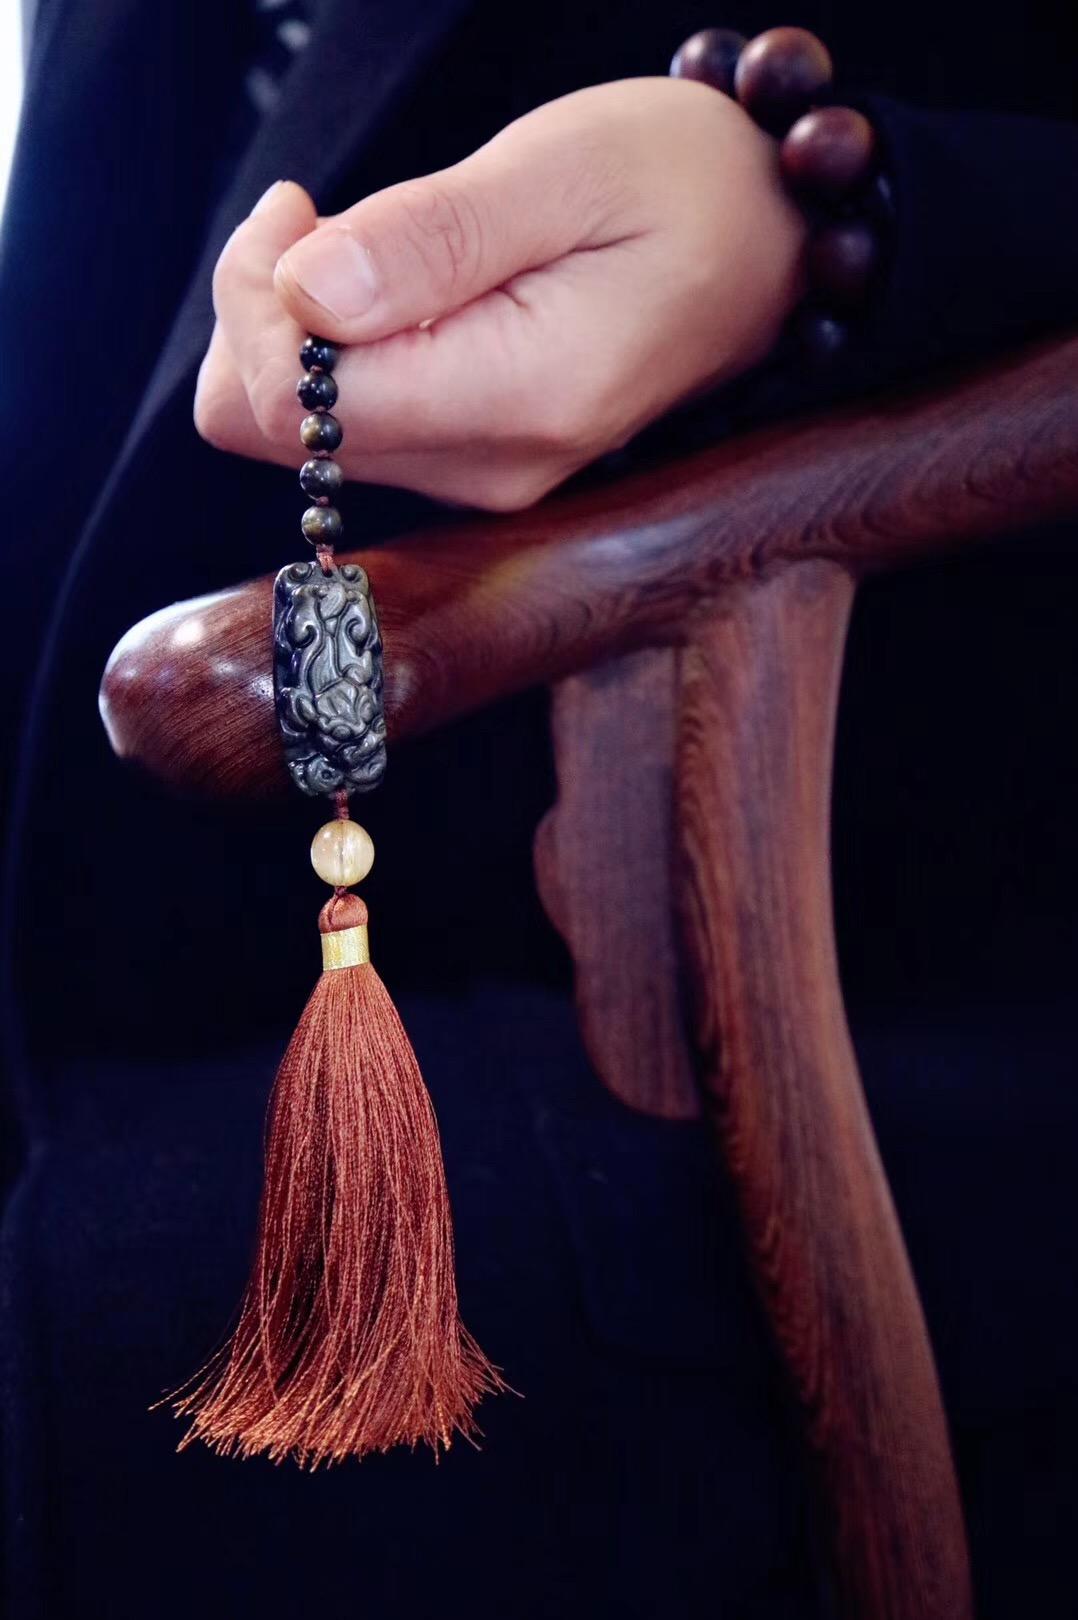 【菩心·🐲龙王显灵&钛晶】高等级品相和雕刻,也把这些寓意显化了-菩心晶舍